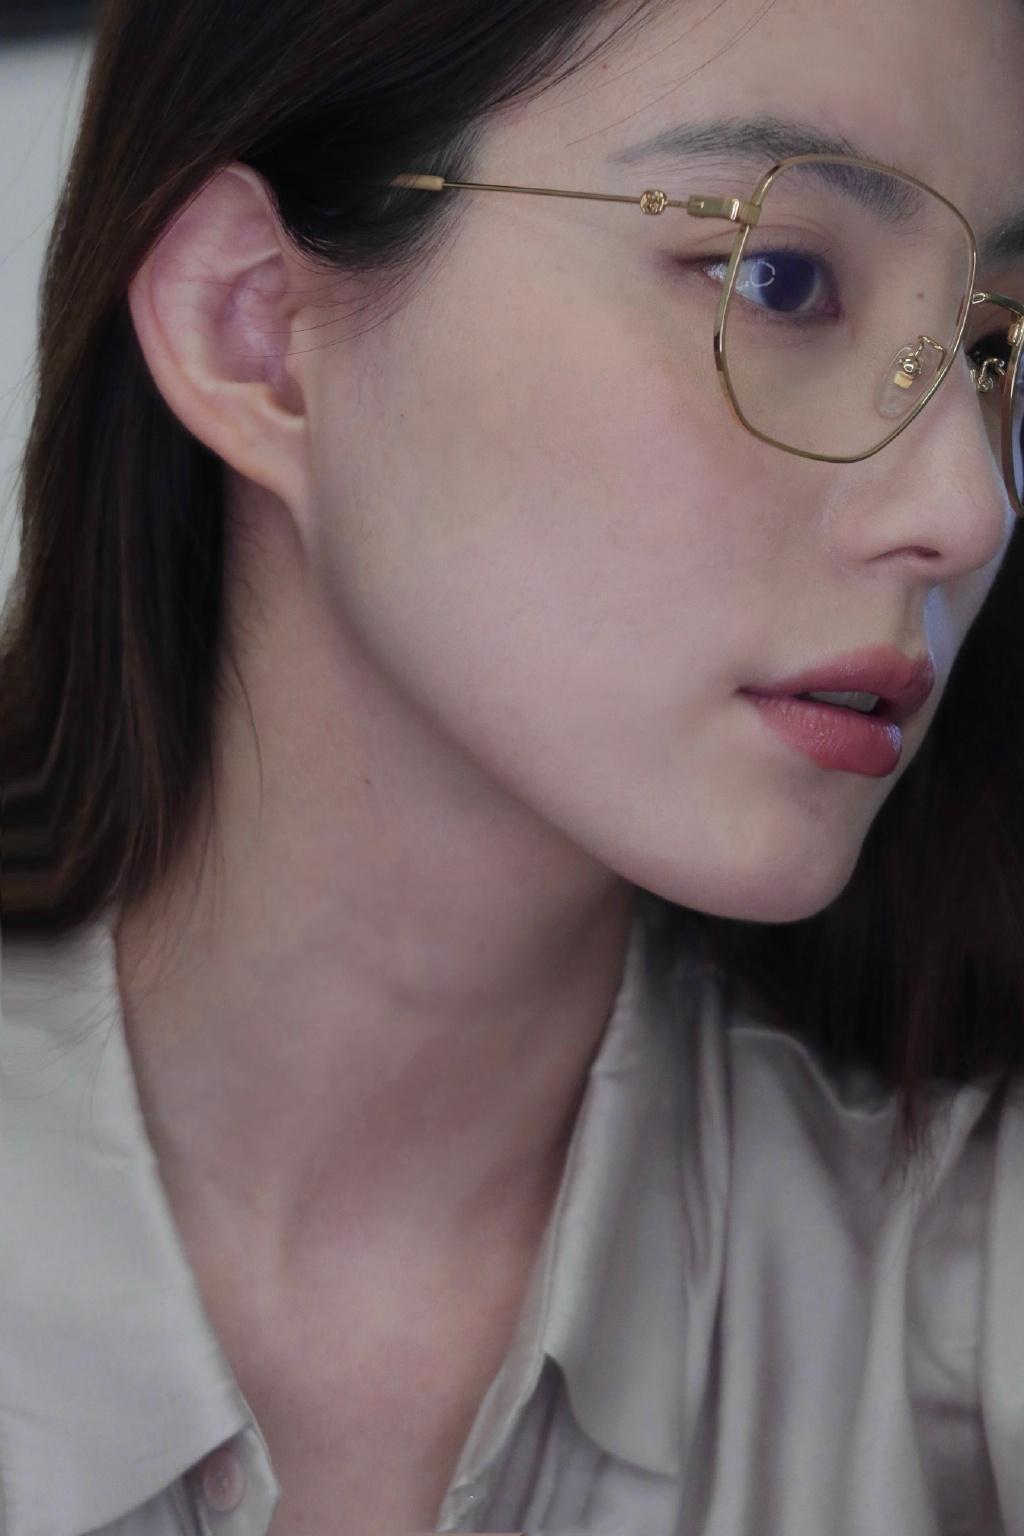 眼镜娘 让人无法抗拒的斯文美女 发现美